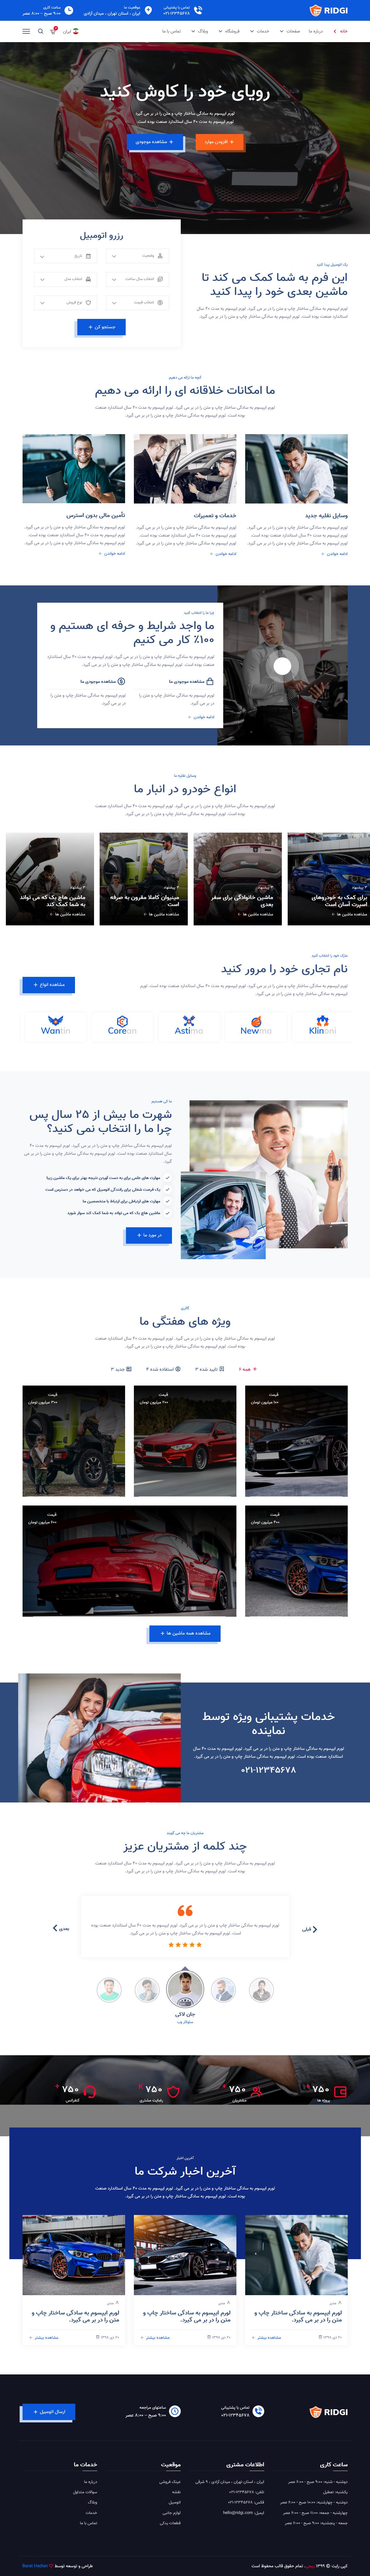 قالب HTML Ridgi | قالب HTML شرکتی سایت نمایشگاه اتومبیل